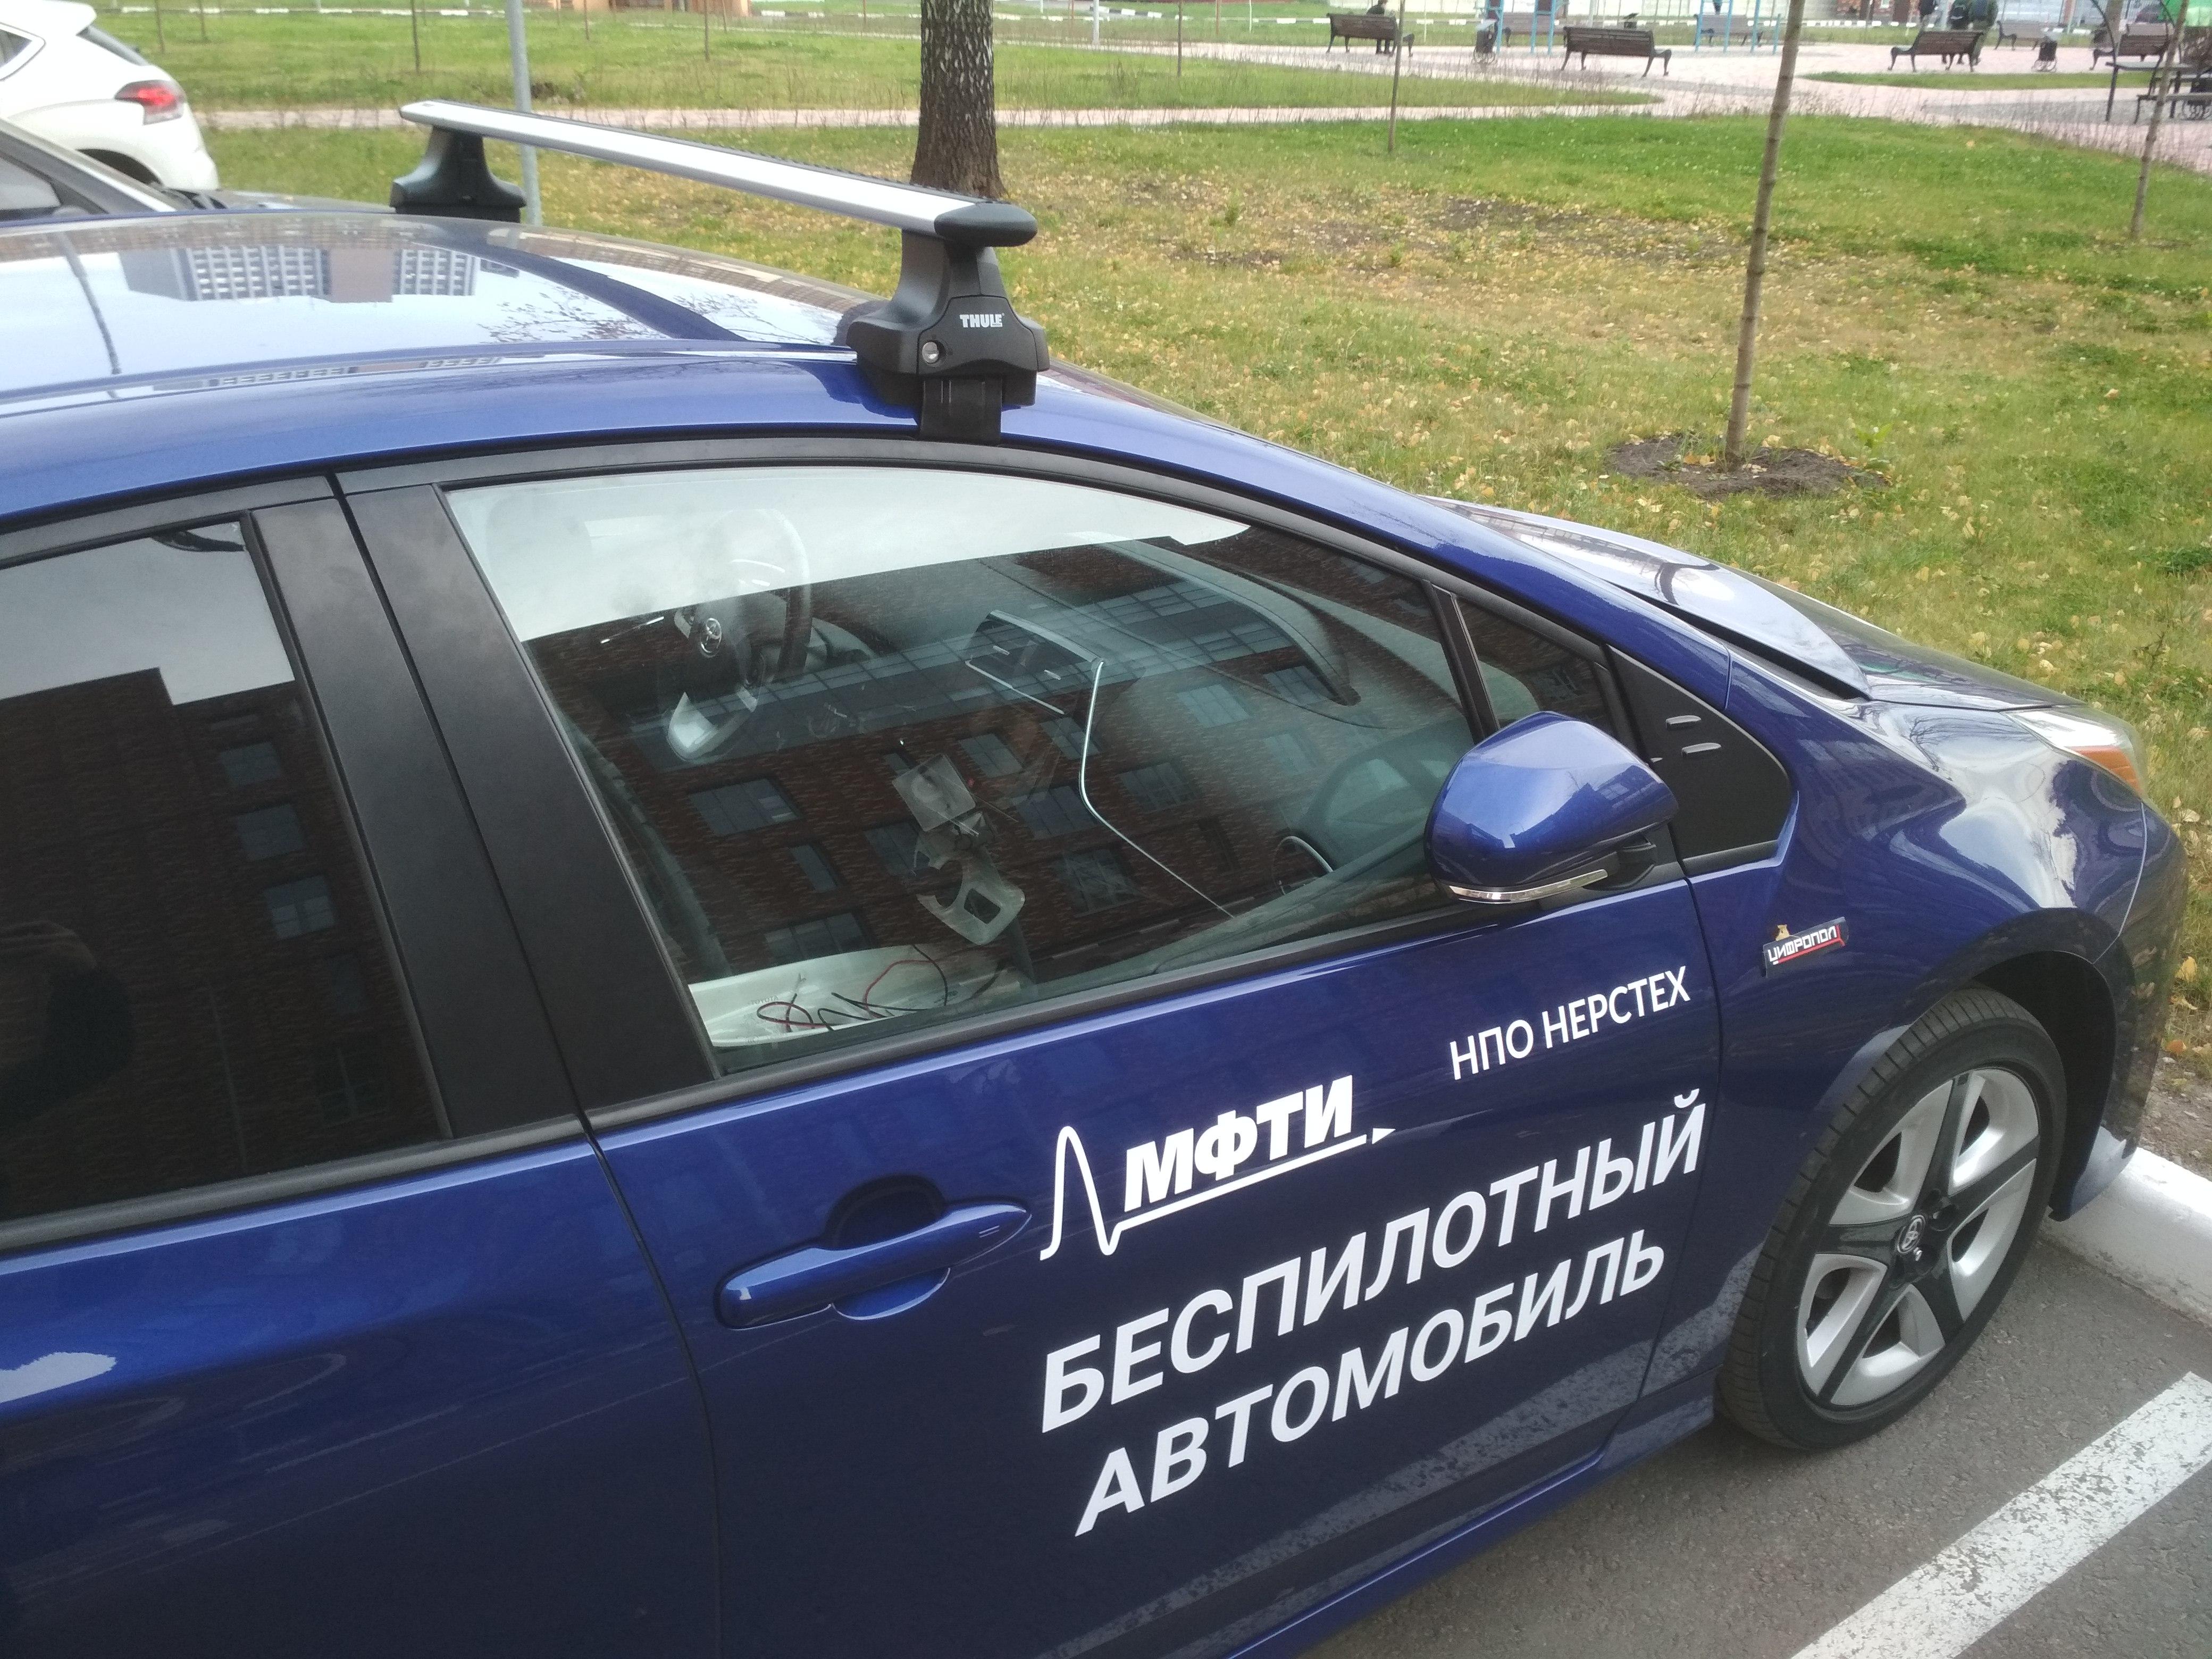 В Госдуму внесен законопроект о внедрении инновационных транспортных средств